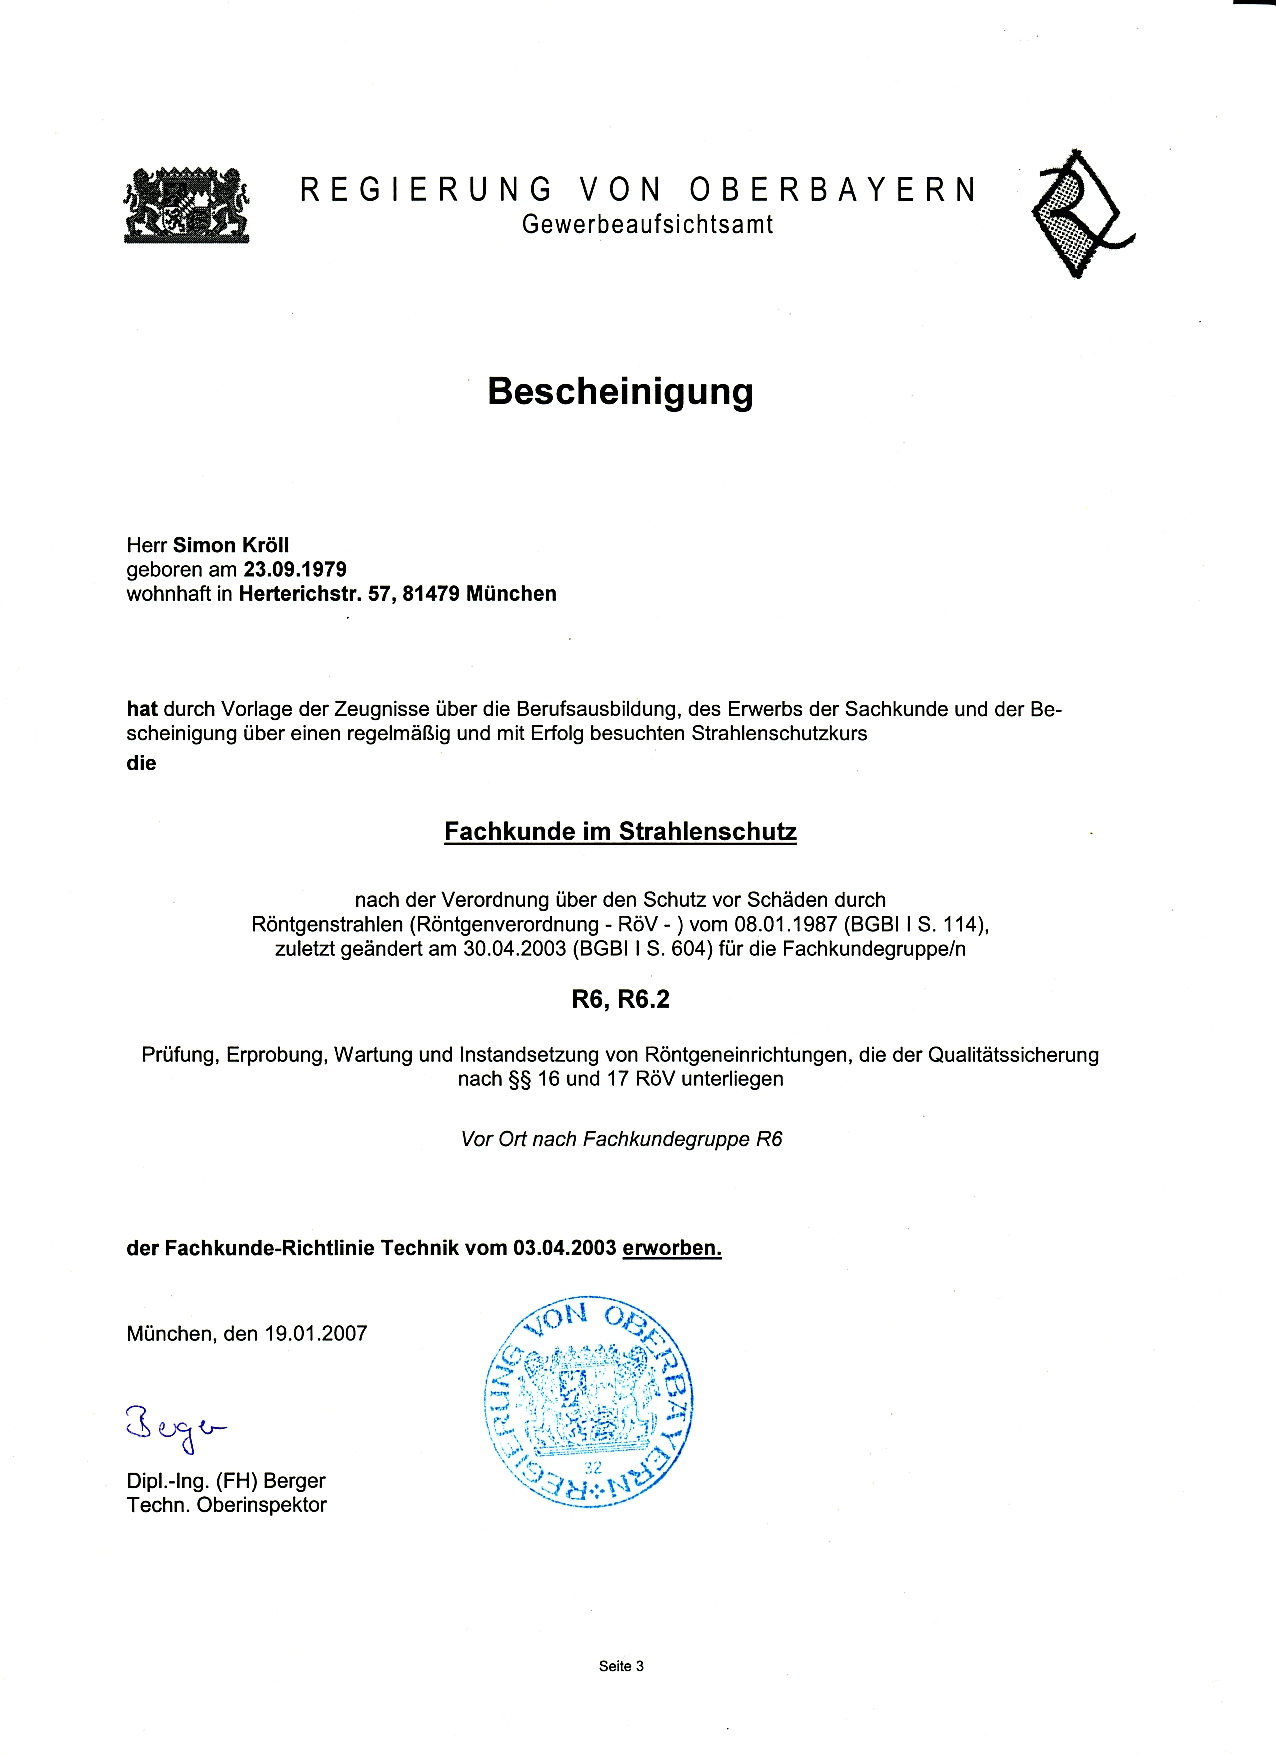 2007_01_Gewerbeaufsichtsamt_Fachkunde St